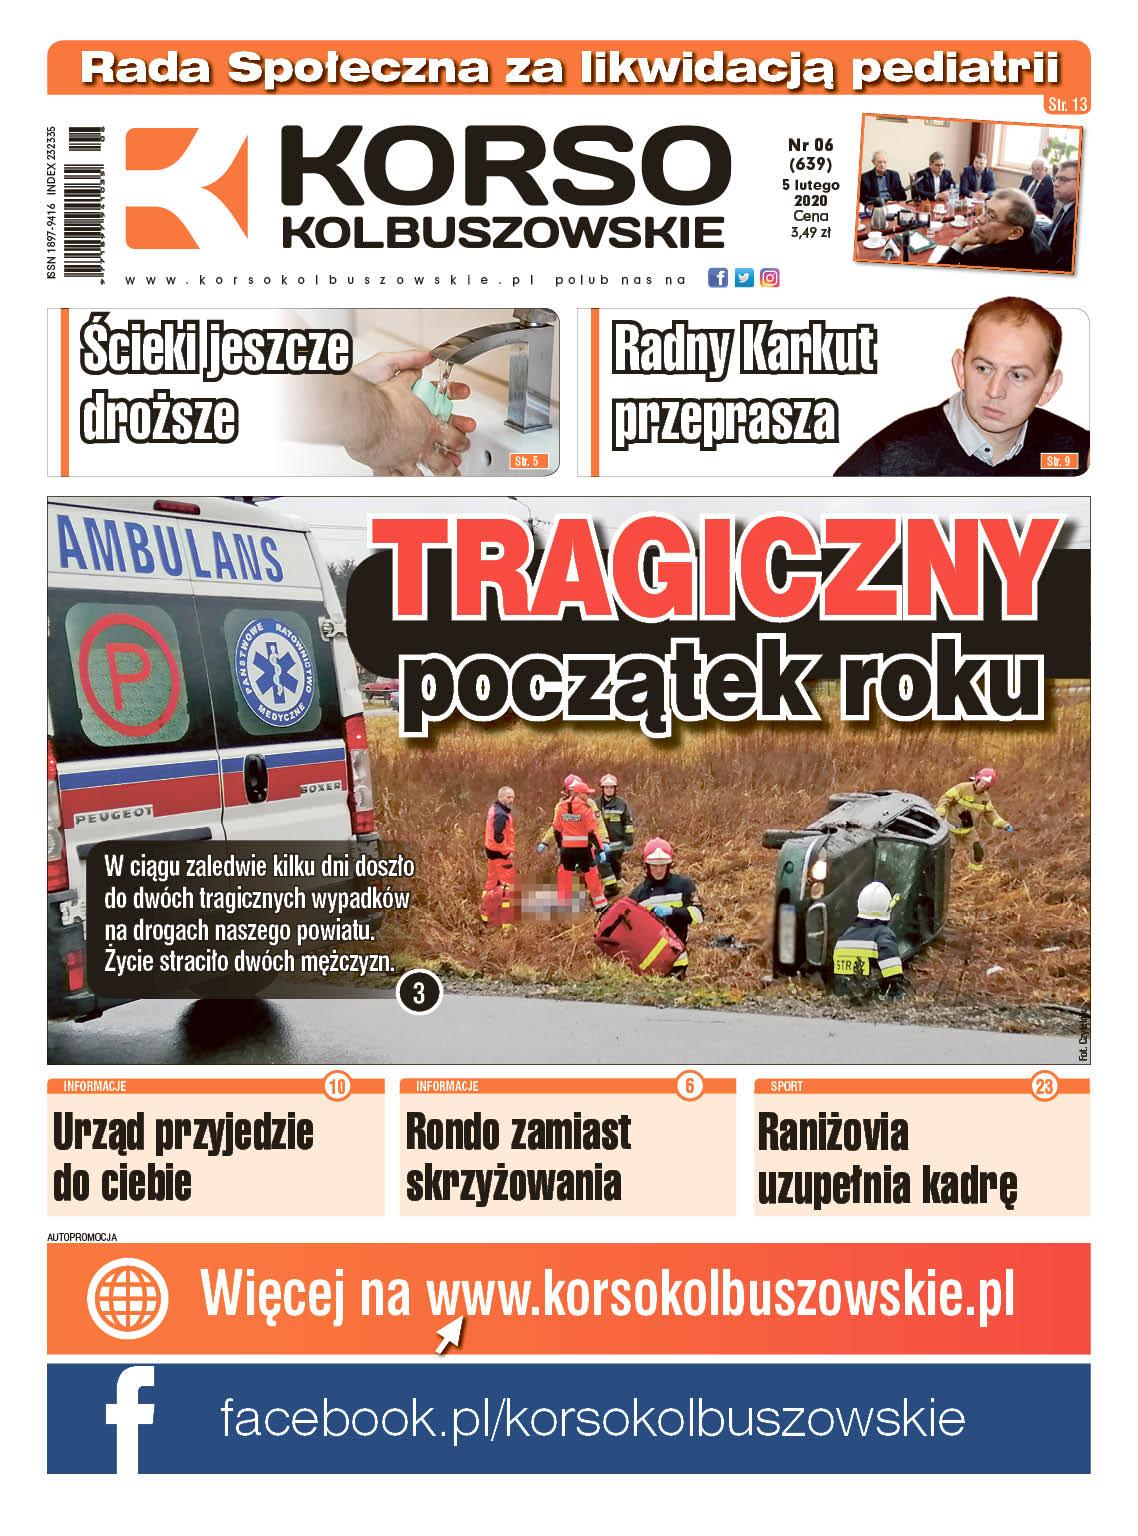 Korso Kolbuszowskie - nr 6/2020 - Zdjęcie główne